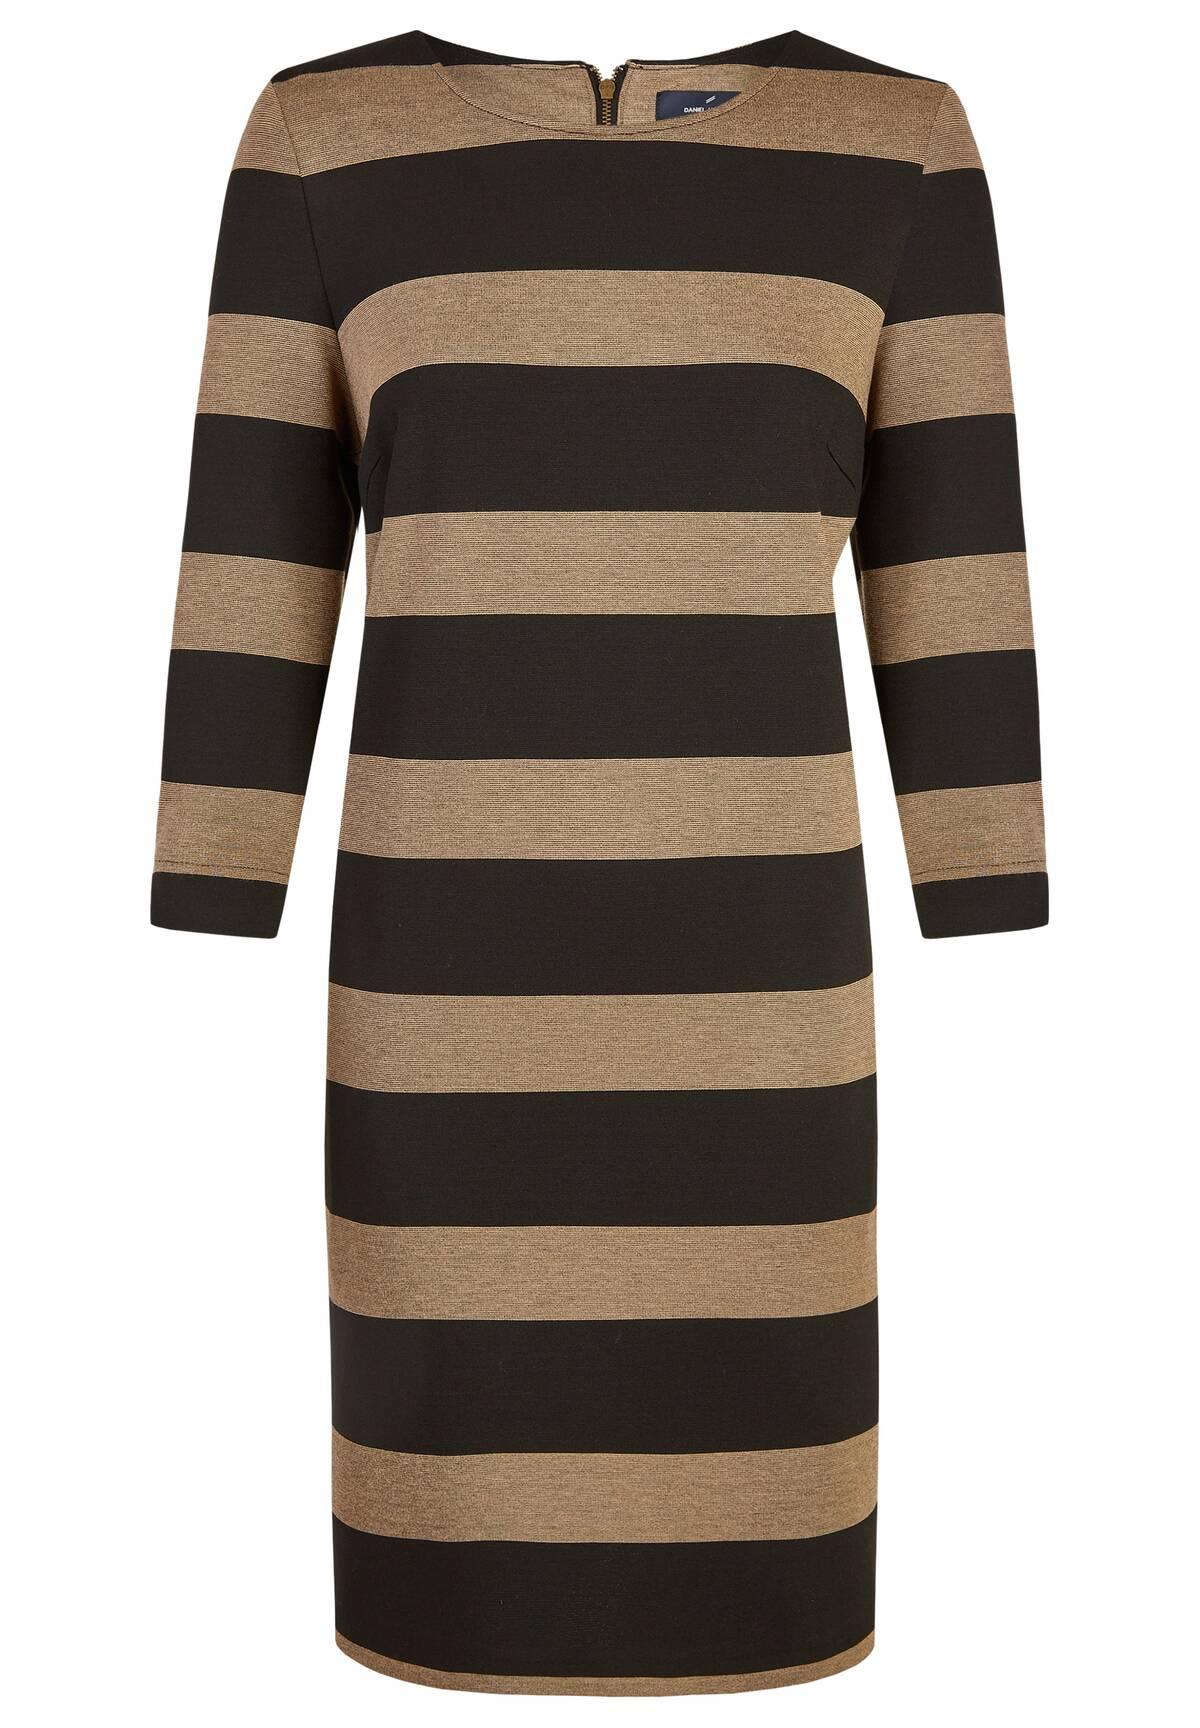 Modernes Kleid in schlichtem Design / Jersey Dress